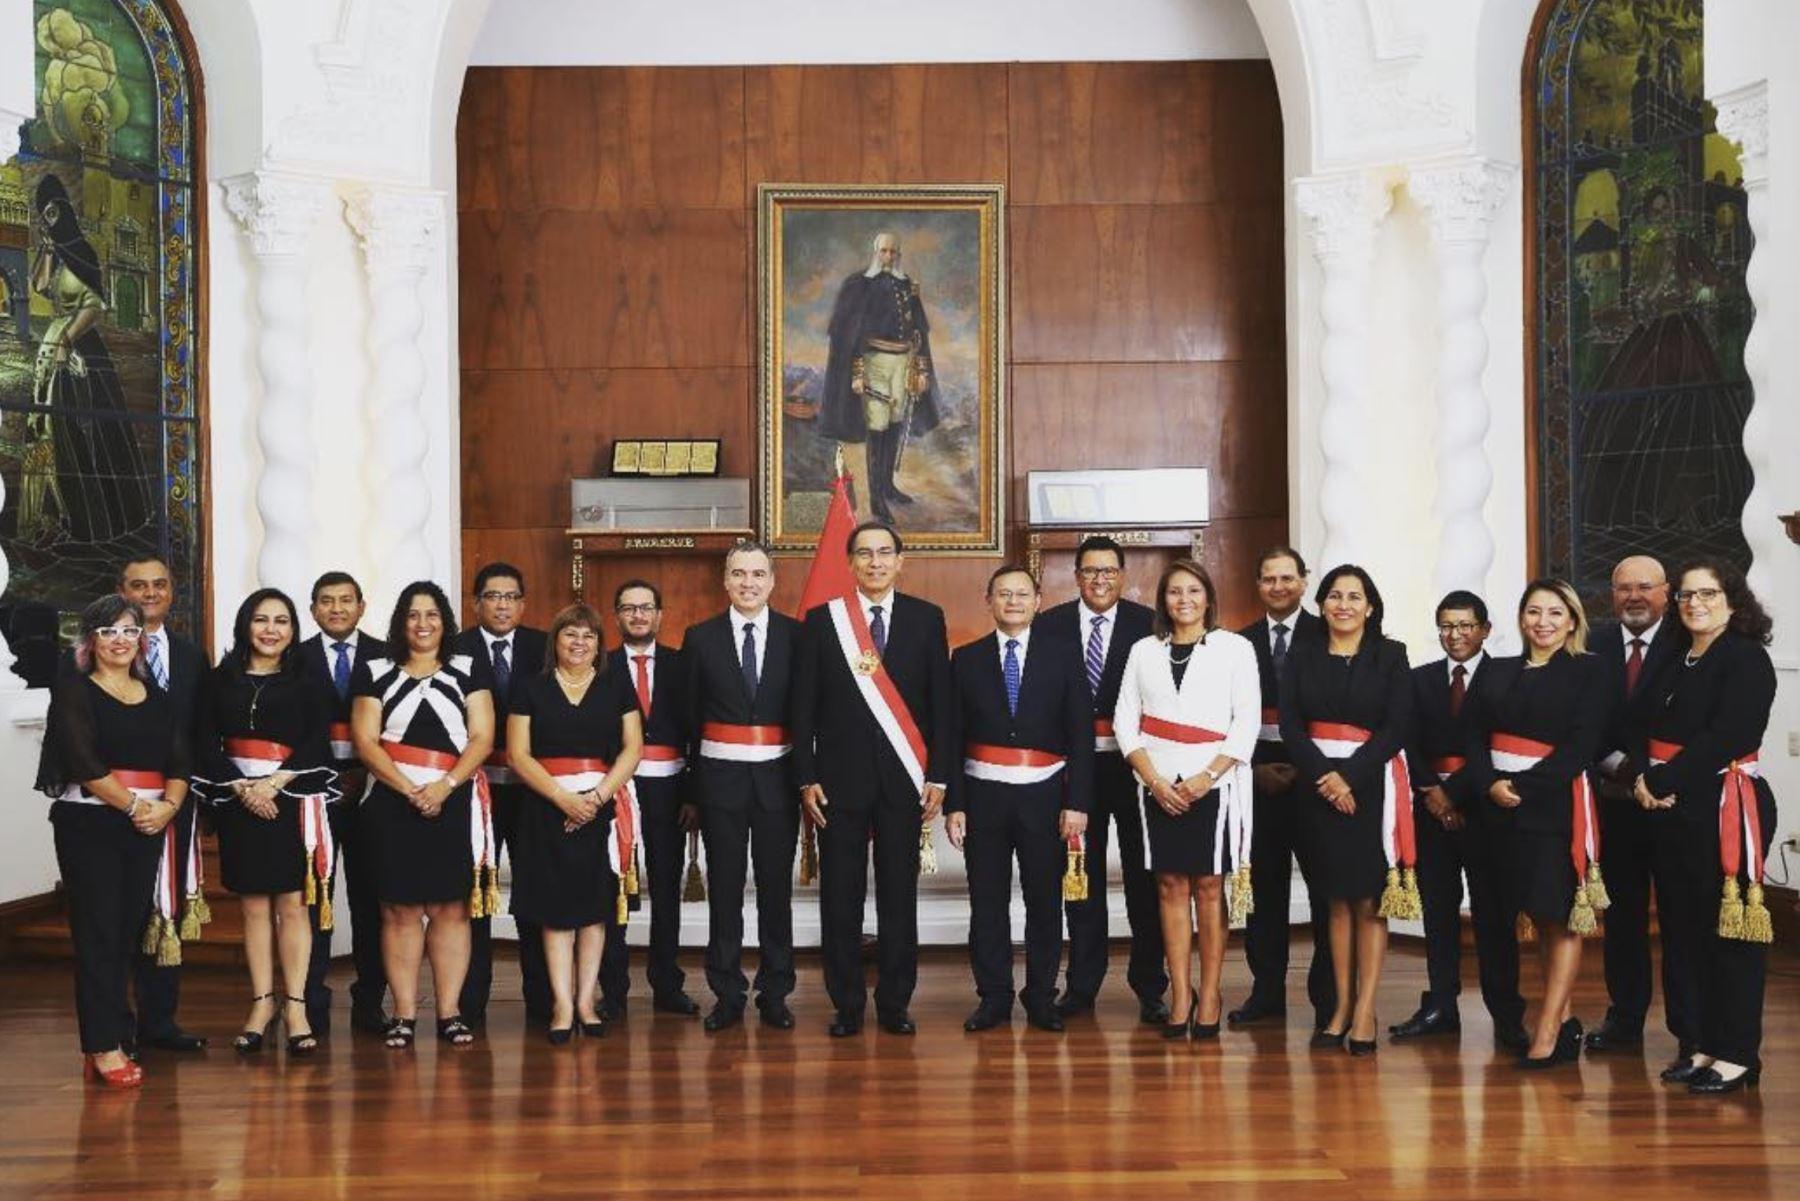 Salvador del Solar juró como presidente del Consejo de Ministros